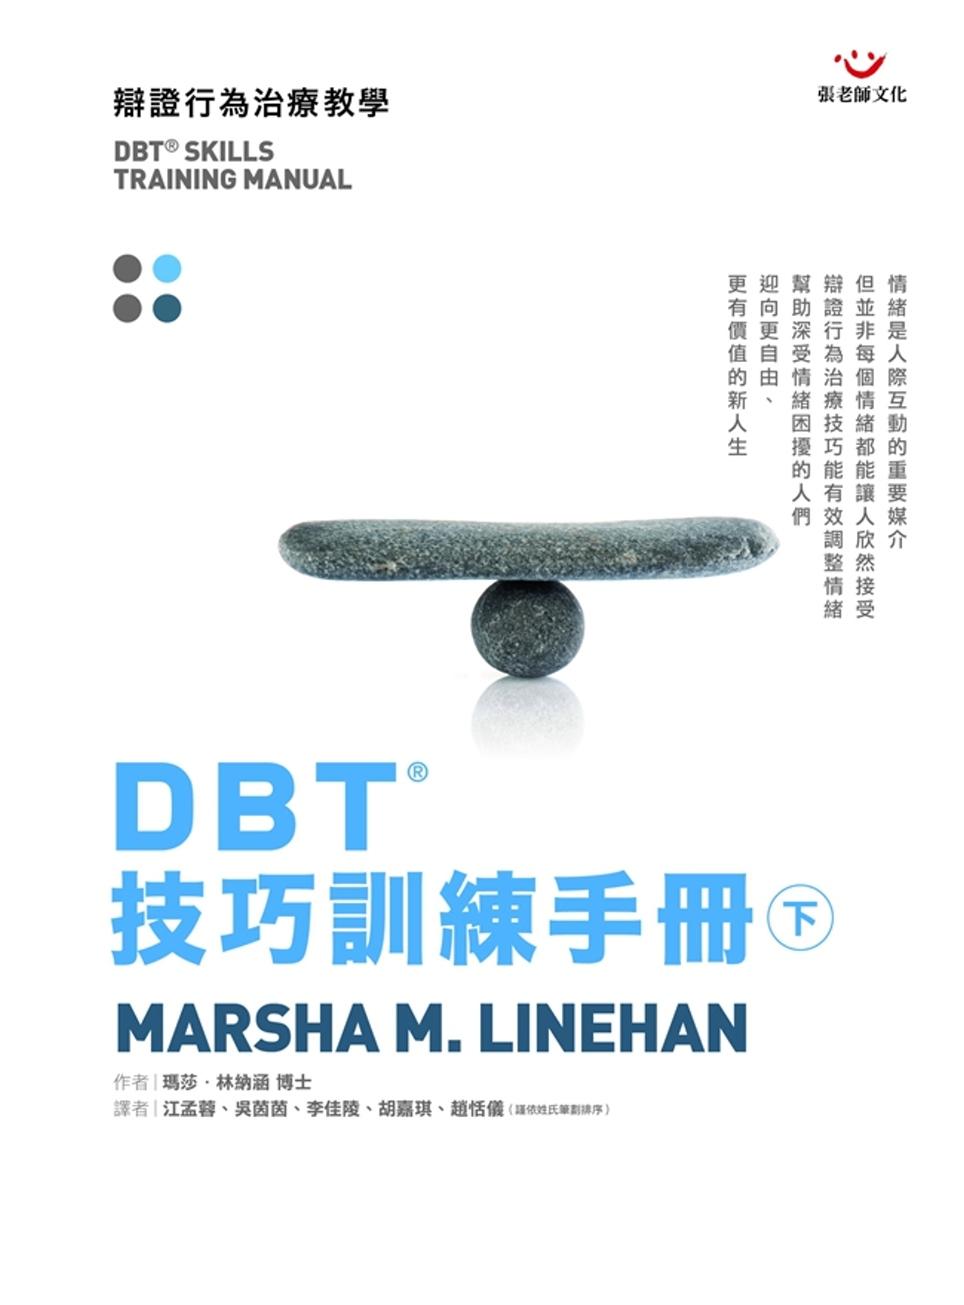 DBT?技巧訓練手冊(下冊)